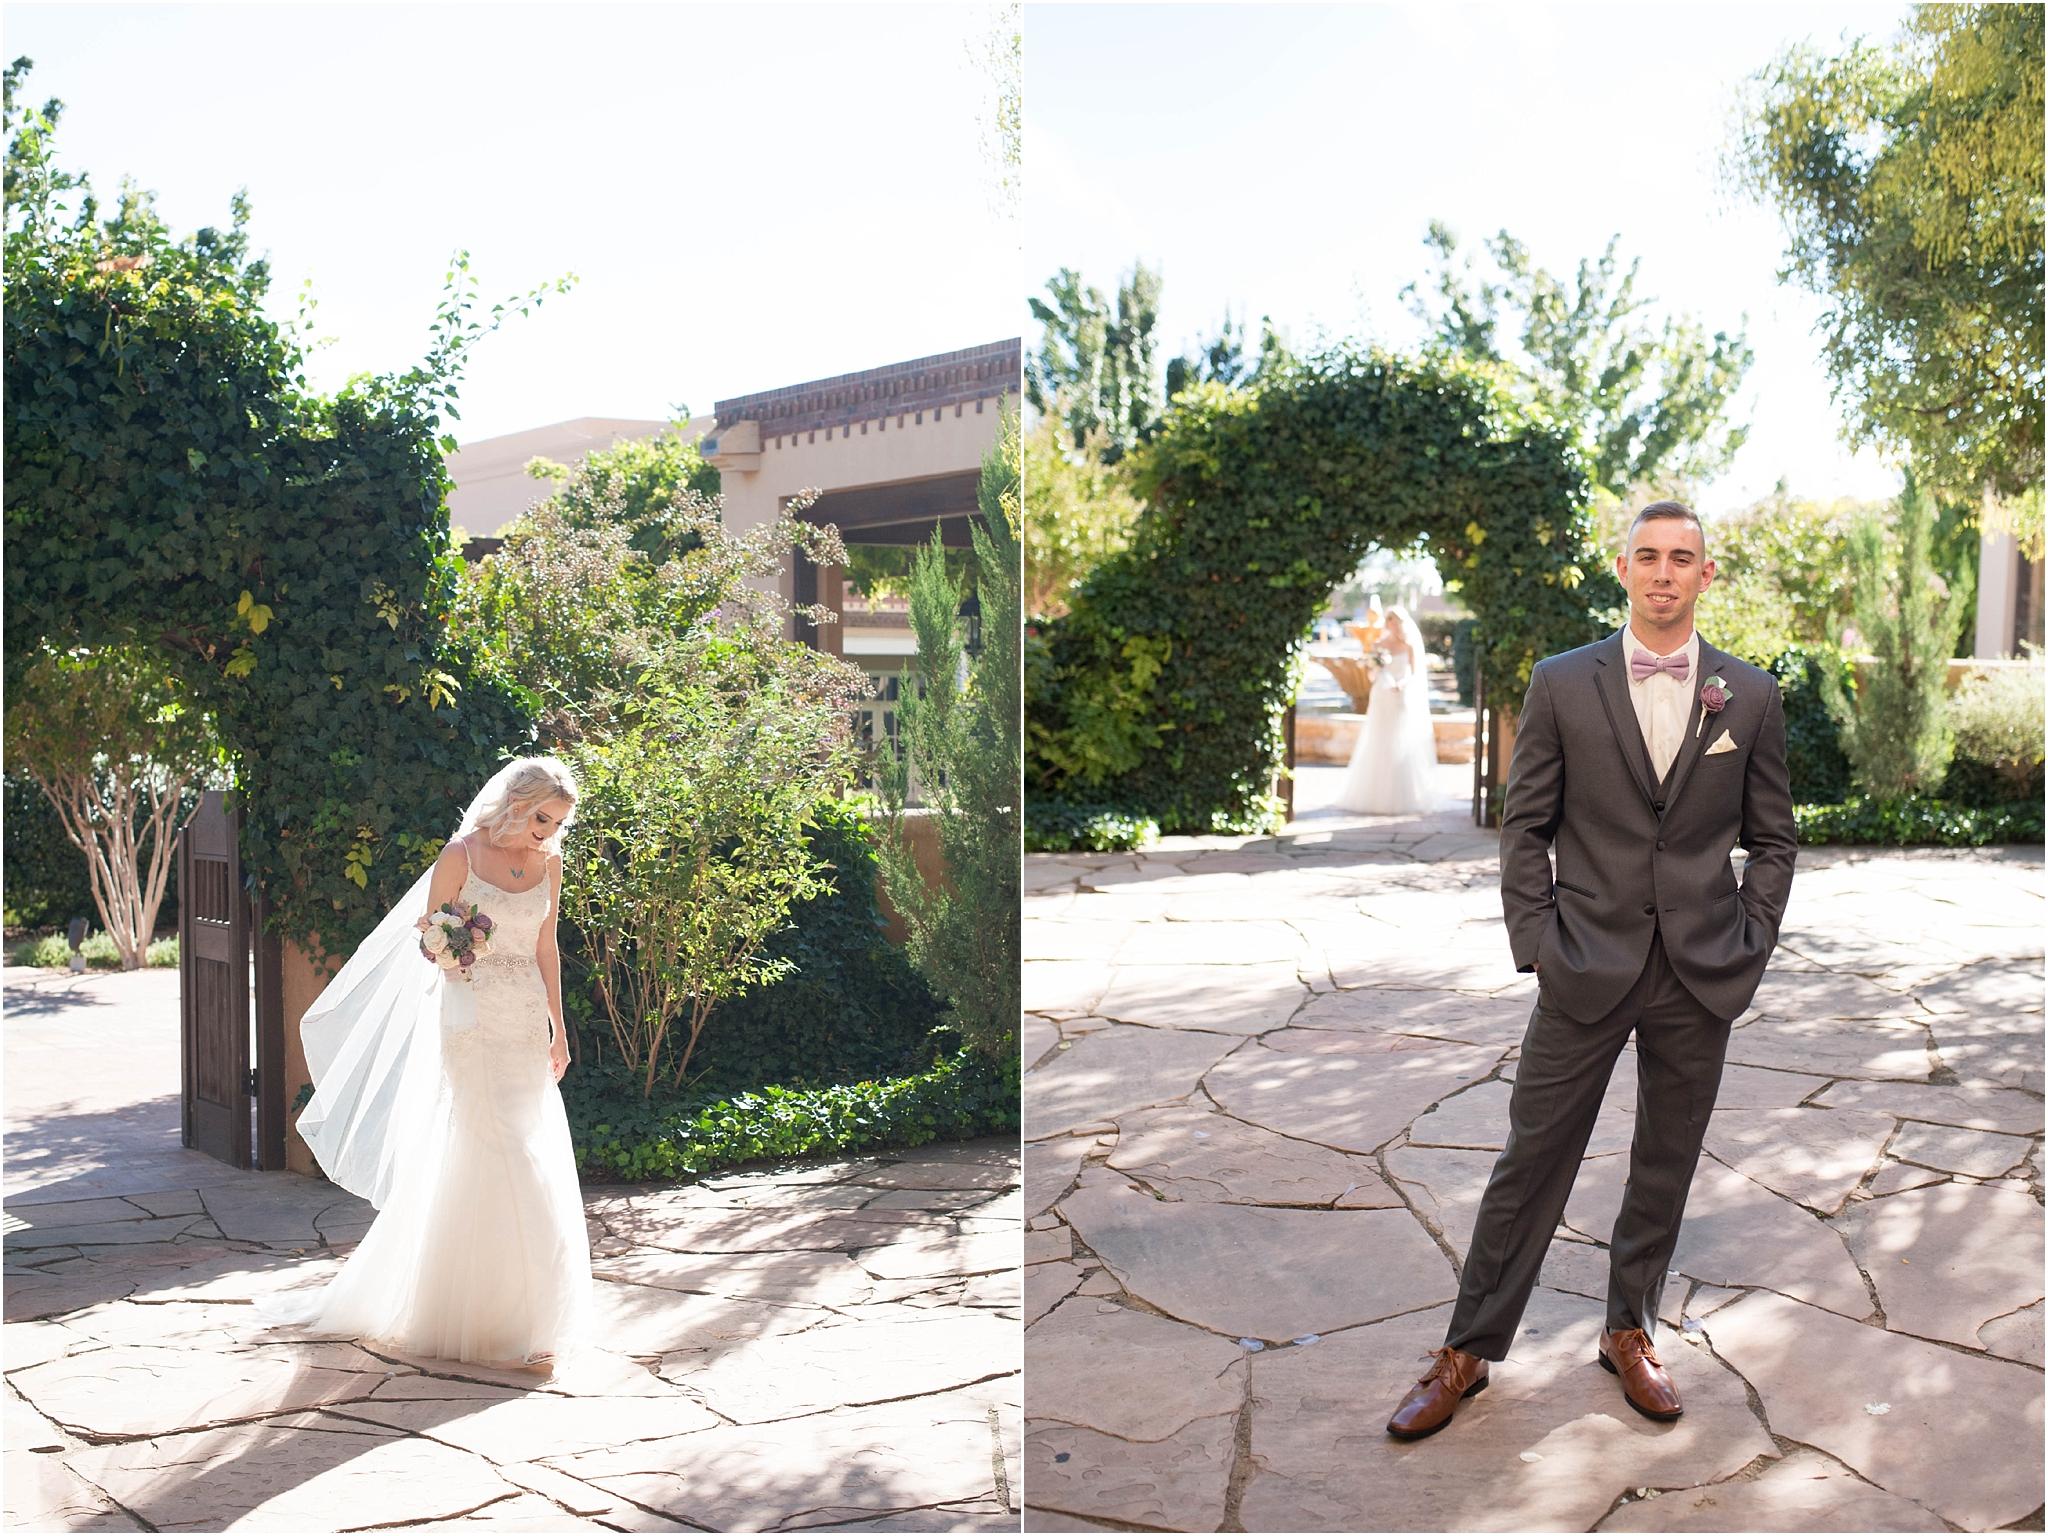 kayla kitts photography - new mexico wedding photographer - albuquerque botanic gardens - hotel albuquerque_0141.jpg